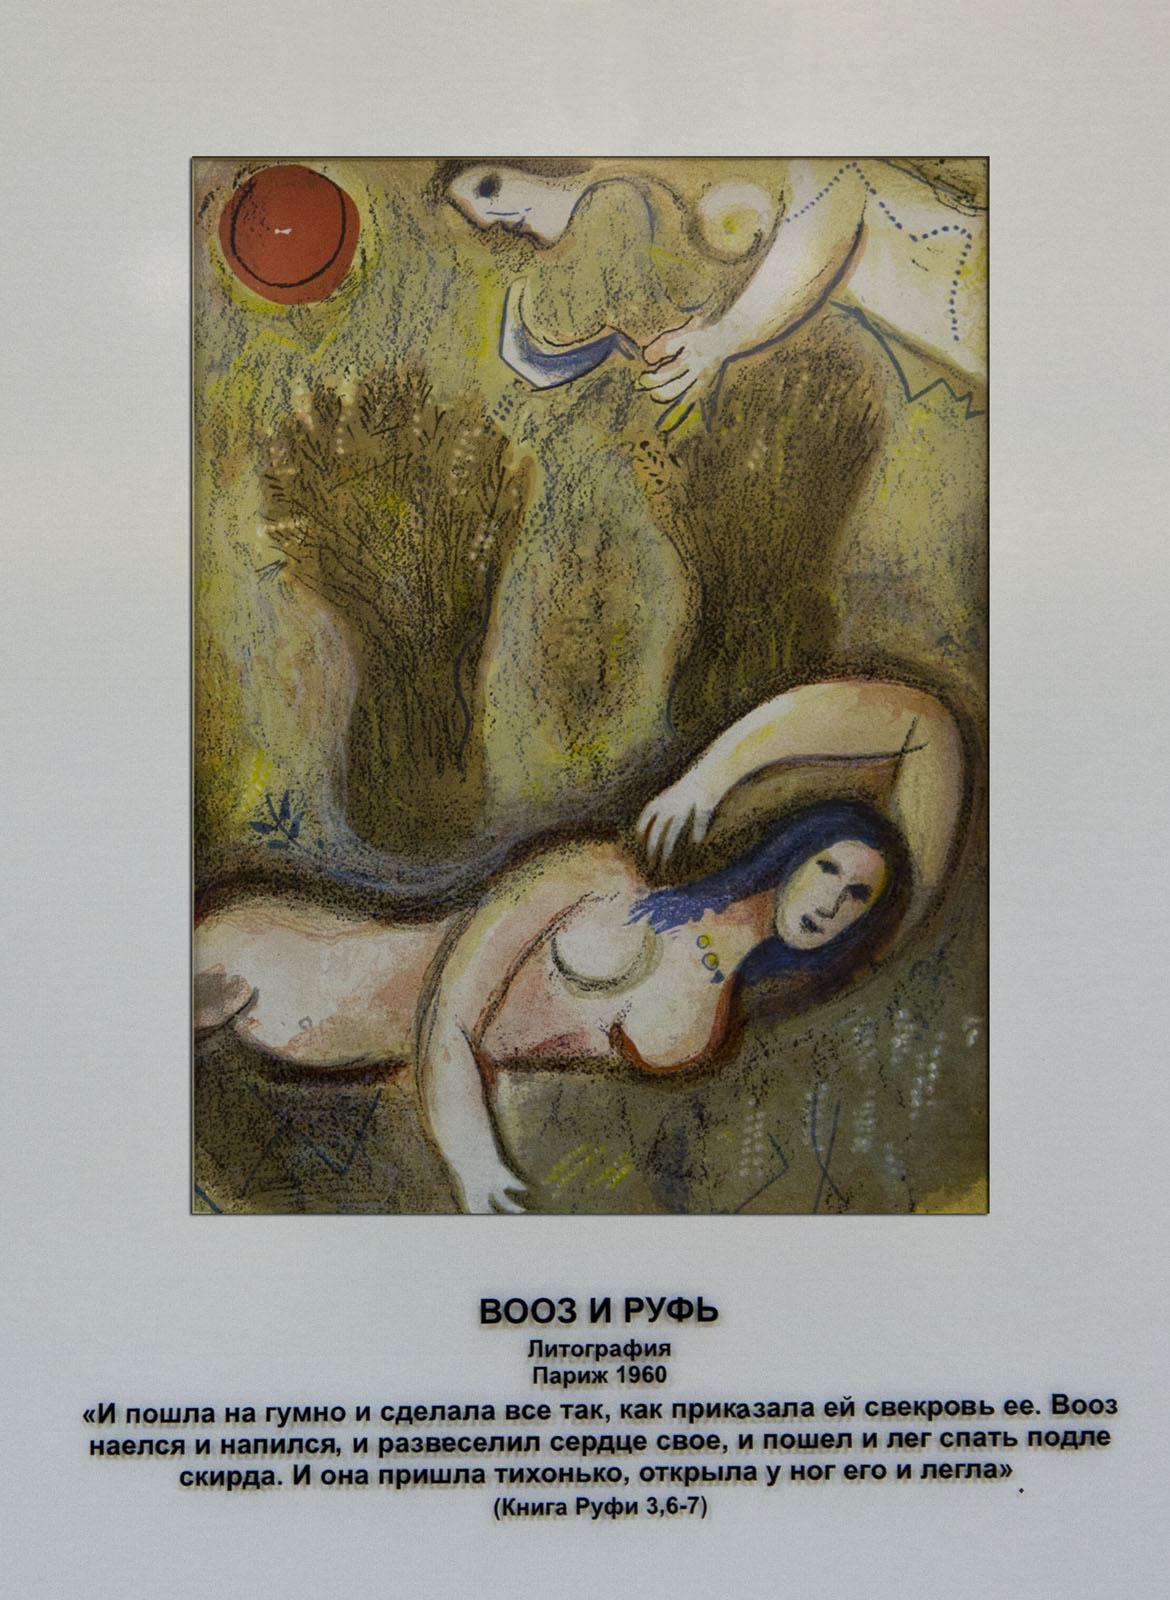 Фото №74406. «Вооз и Руфь», Марк Шагал, литография, Париж, 1960